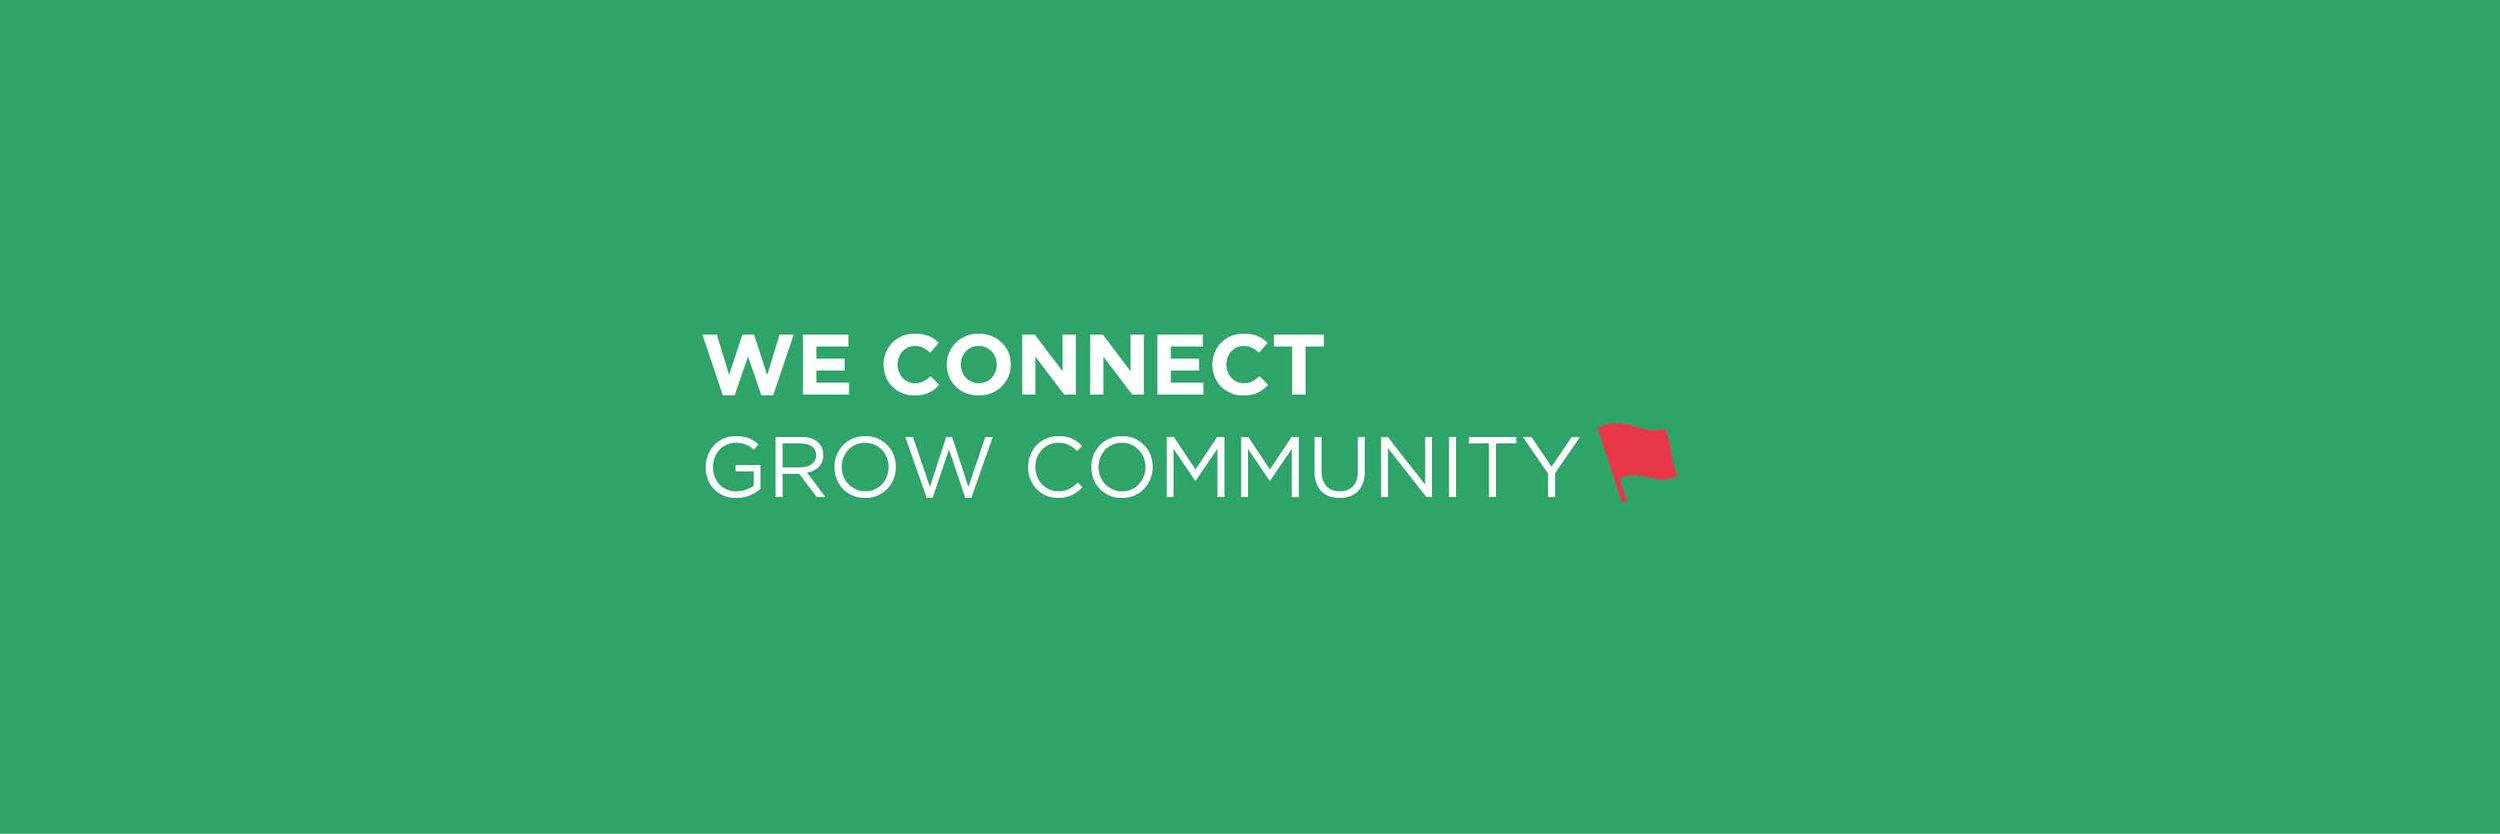 Communities - Headers - Graphics3.jpg